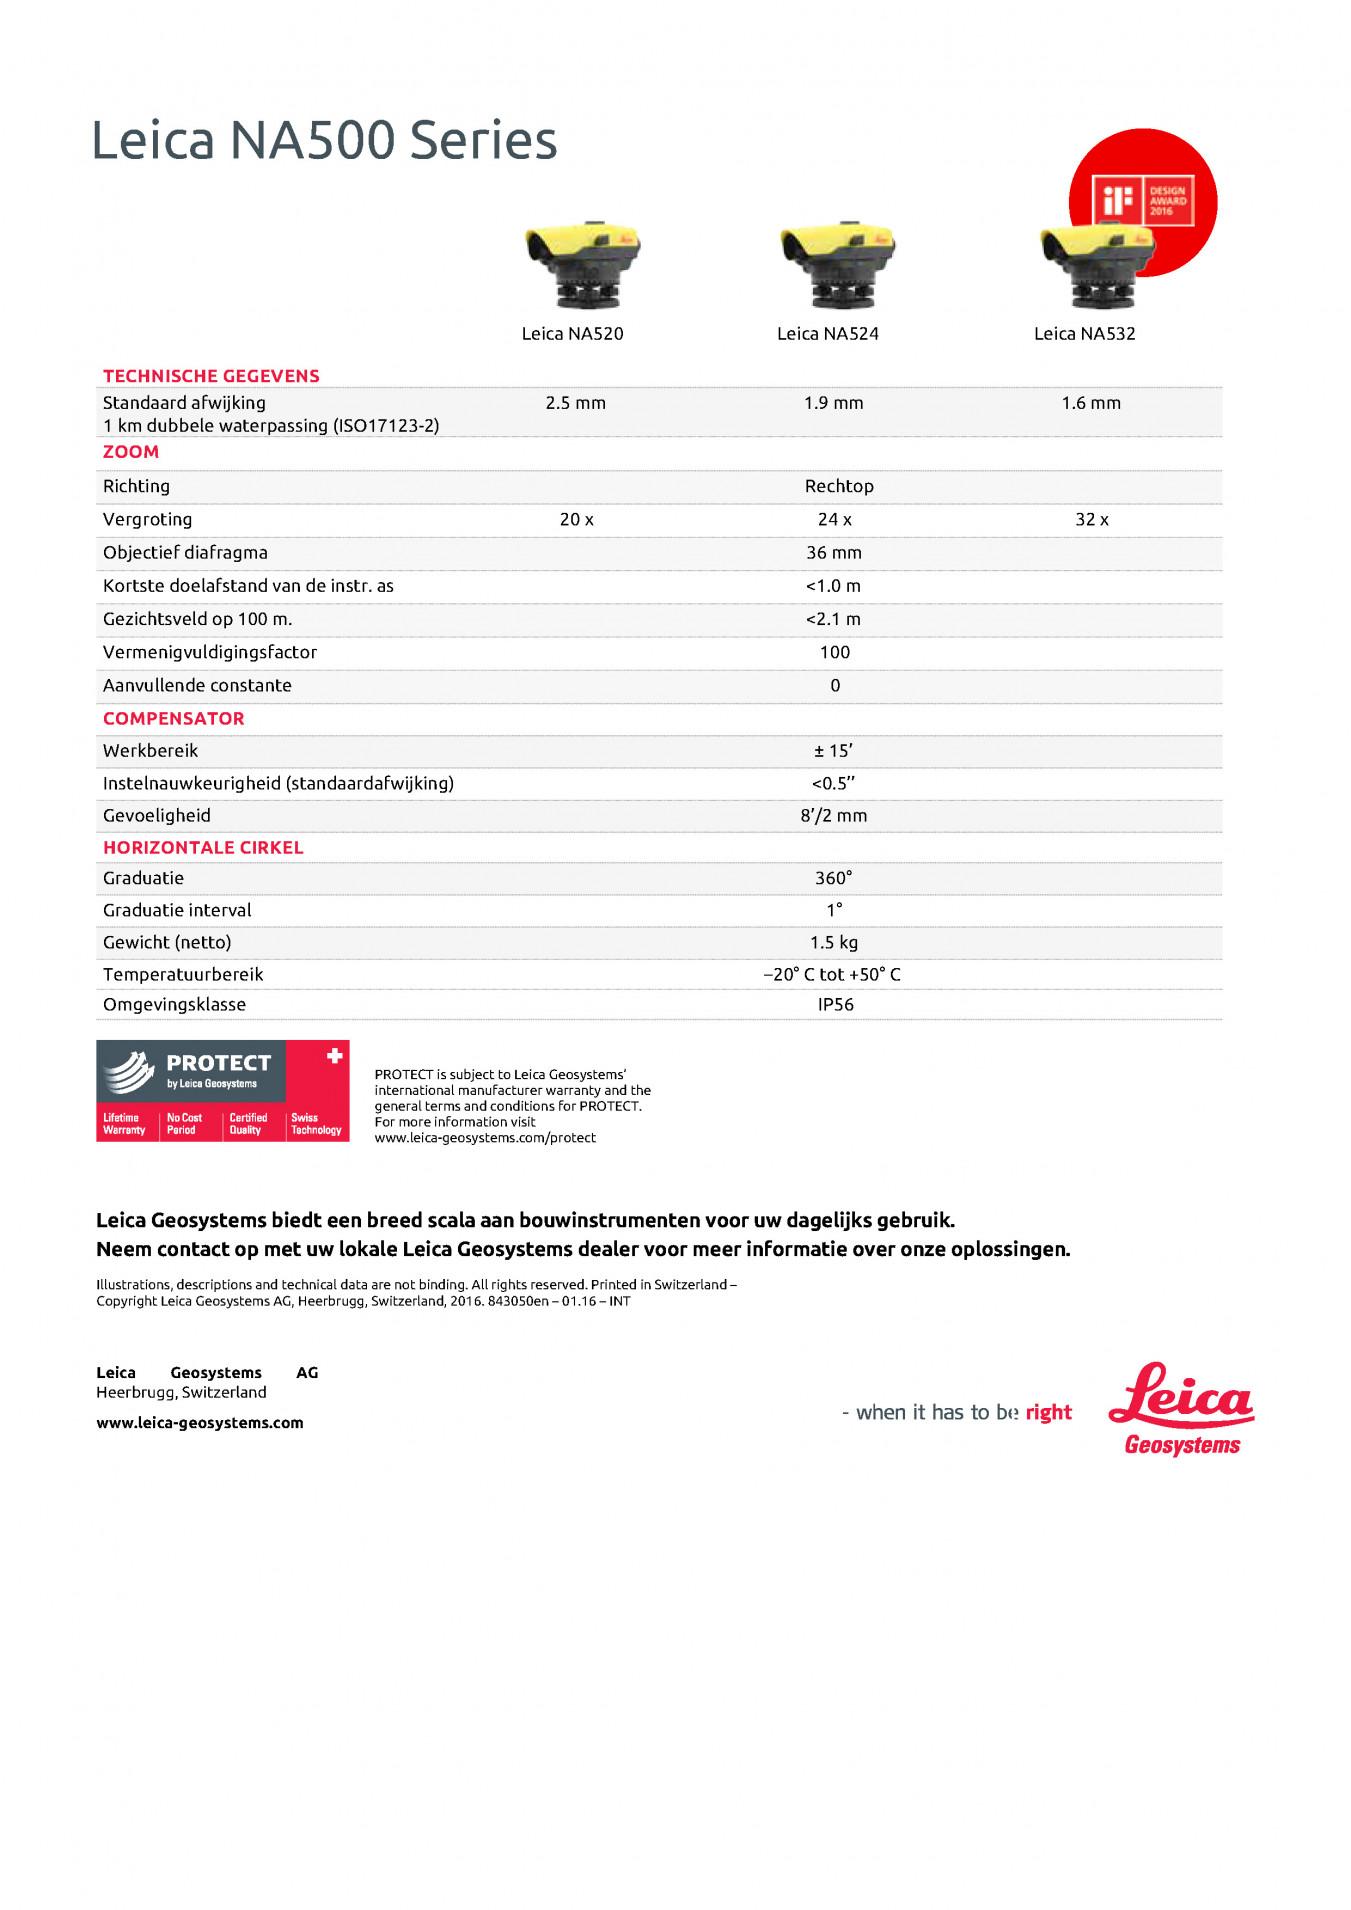 Leica Waterpastoestel 500-series specs_nl.jpg